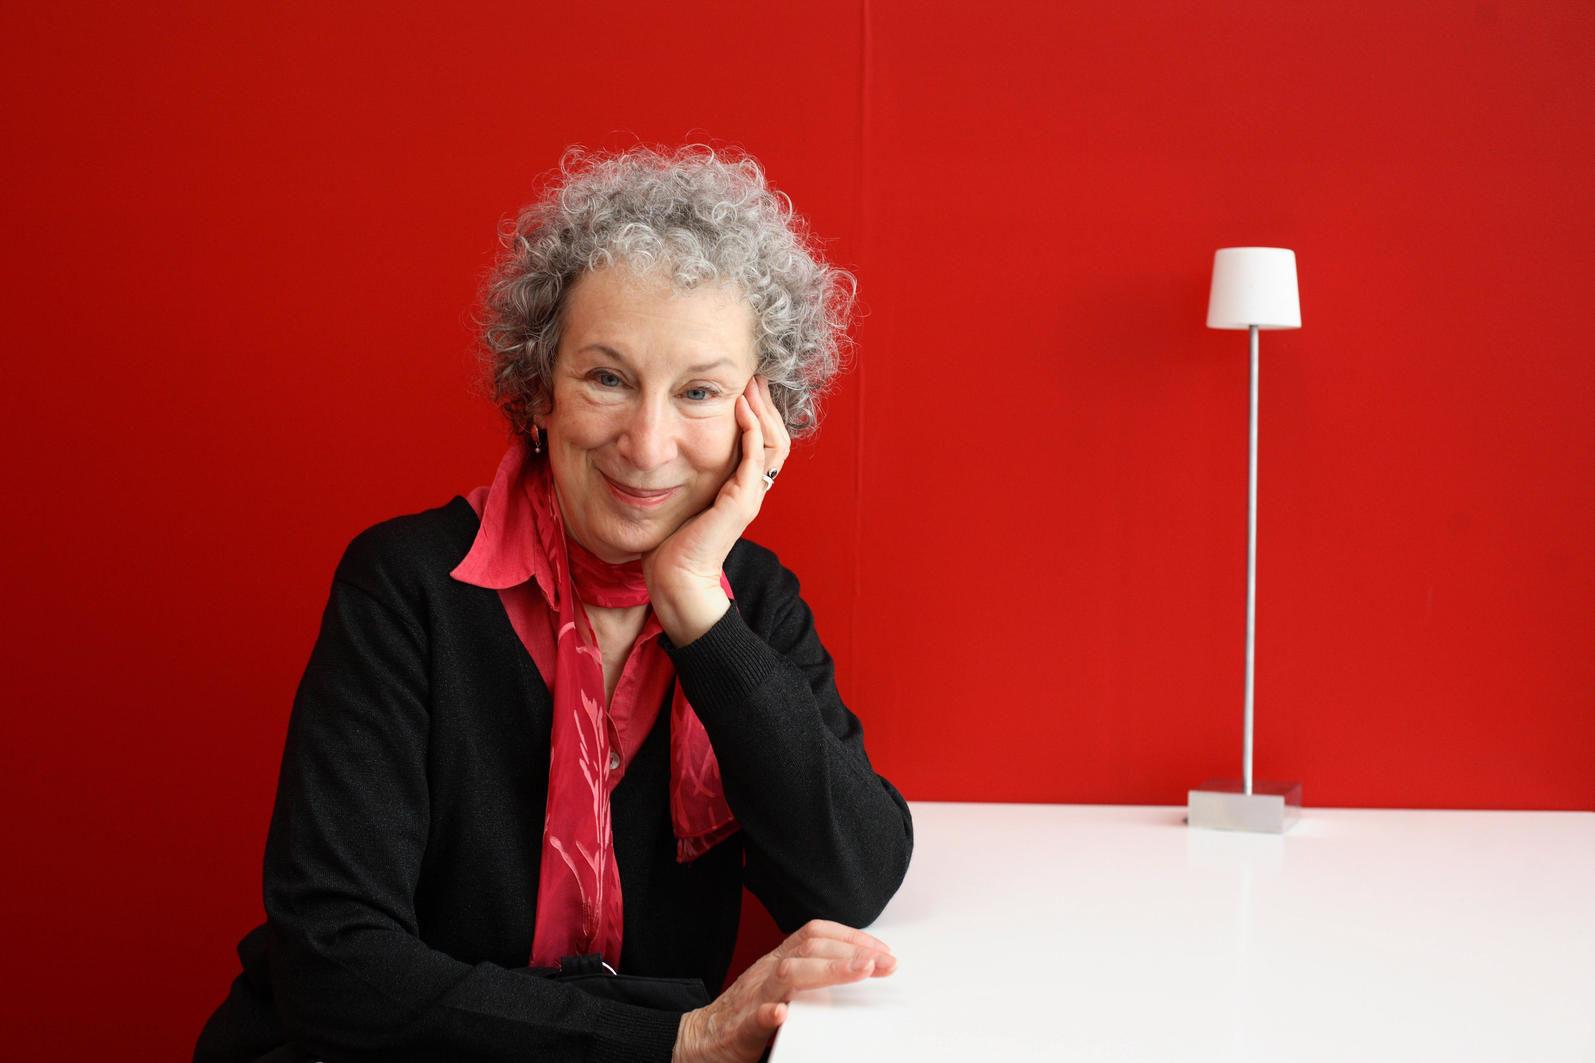 https://www.sott.net/image/s22/446374/full/Margaret_Atwood.jpg